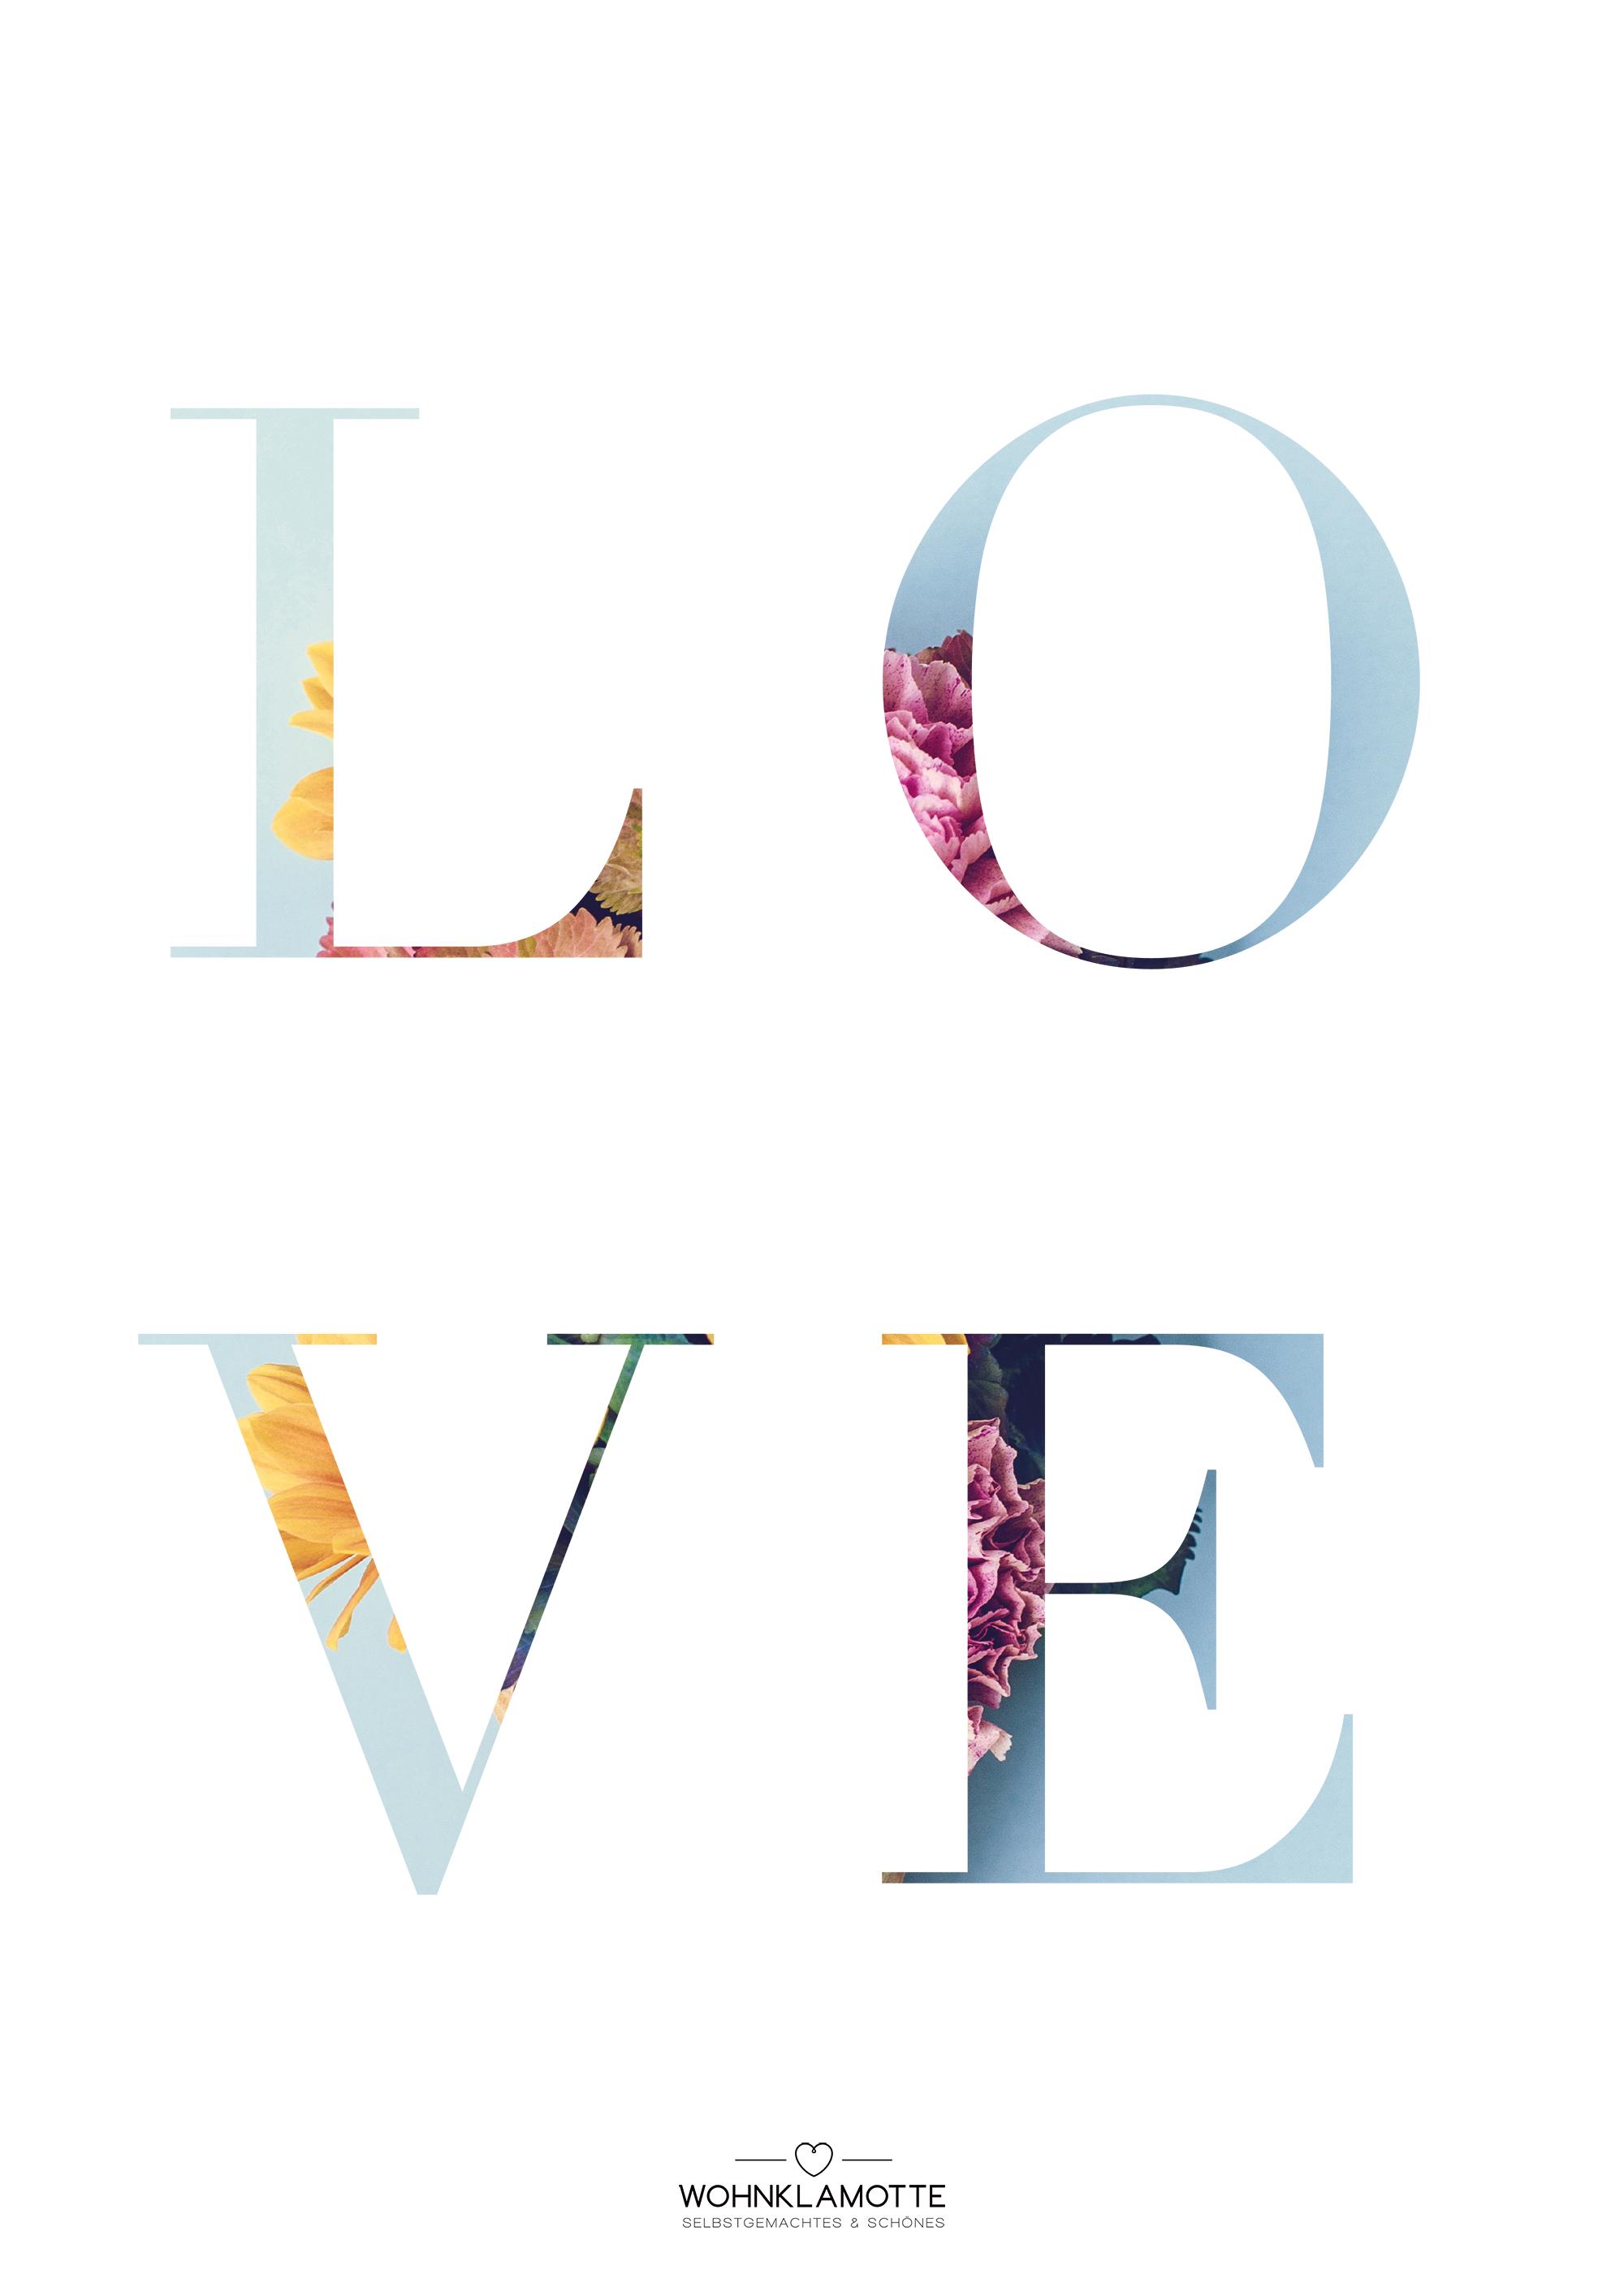 Wir brauchen mehr Liebe auf der Welt. Dieses tolle Printable gibt es für euch ganz gratis zum ausdrucken. Super zum selber aufhängen in einem tollen Bilderrahmen oder perfekt als Last Minute Geschenk.